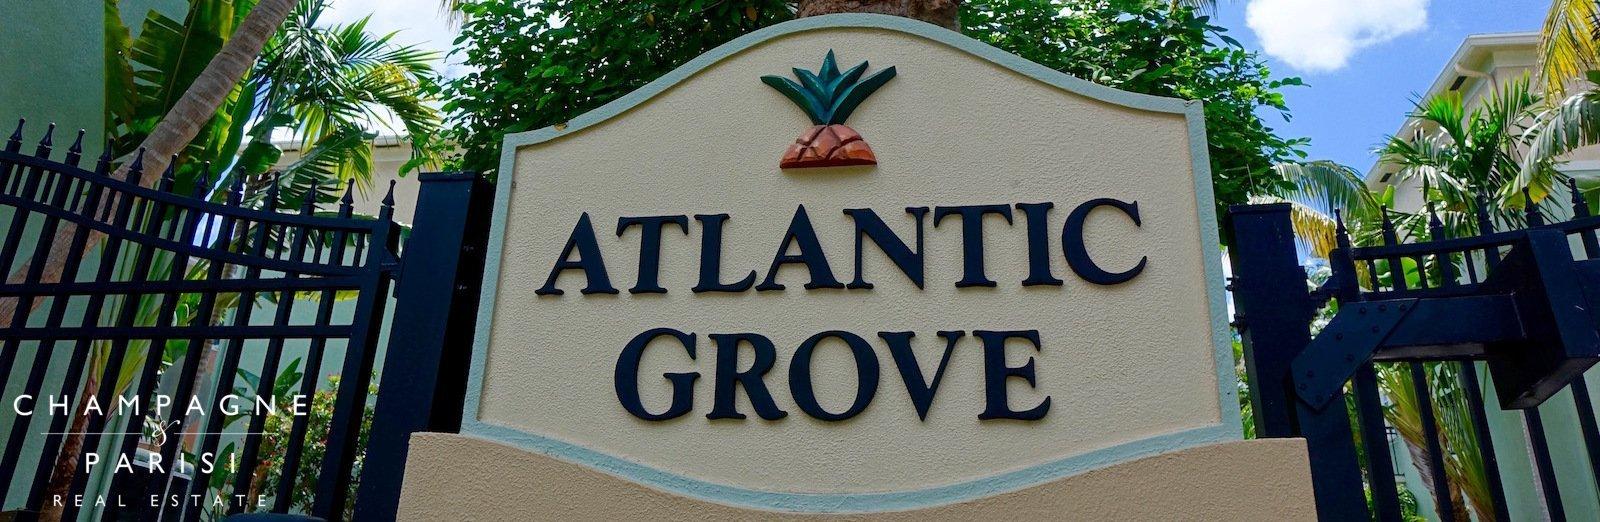 atlantic grove condos